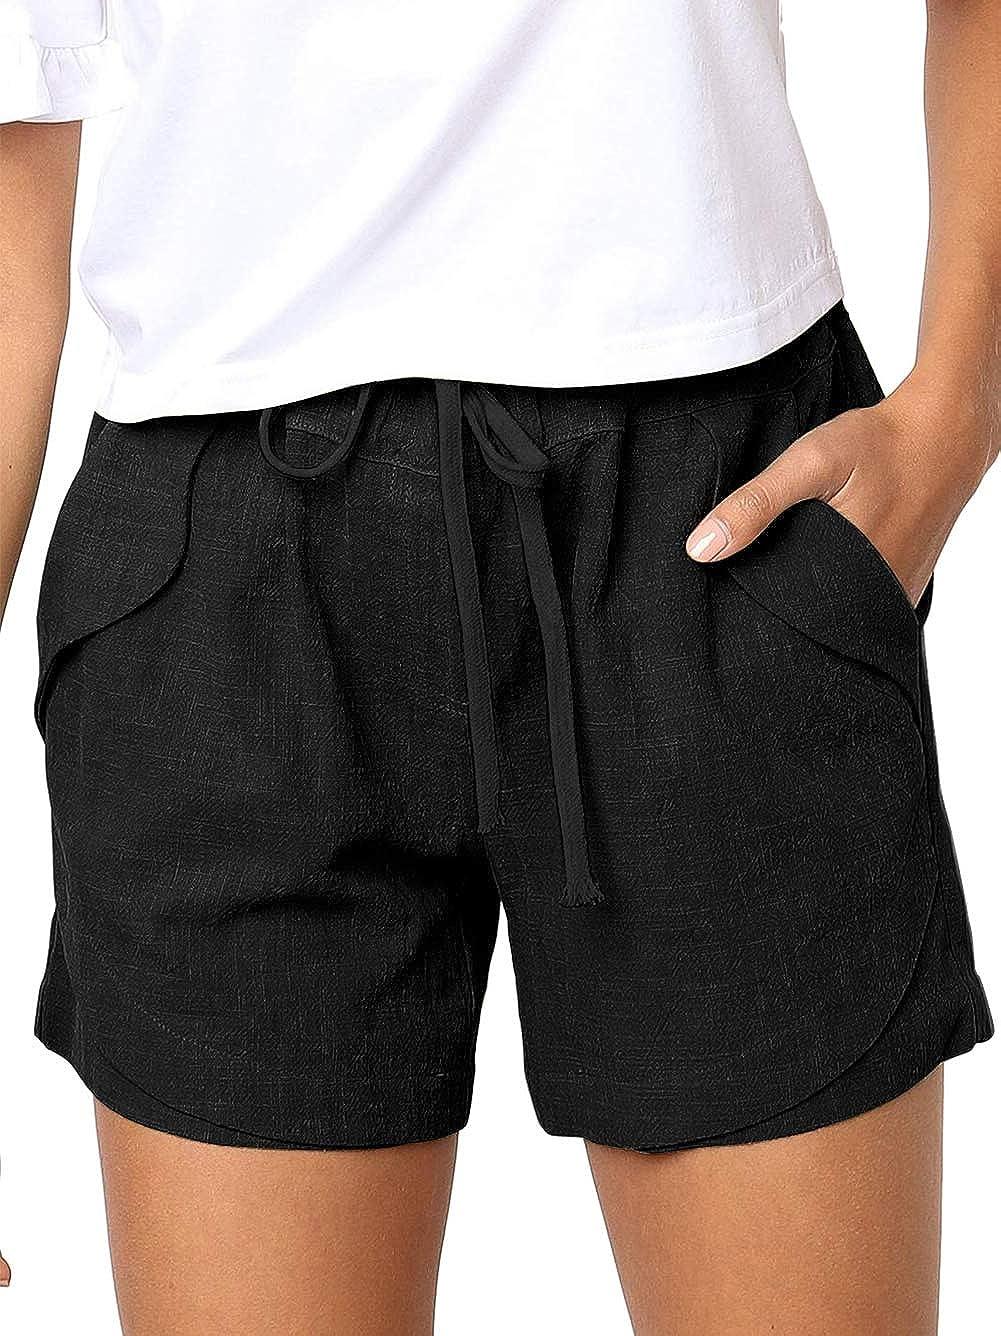 Bunanphy Summer Drawstring Elastic Waist Casual Shorts with Pockets Lounge Pants Shorts